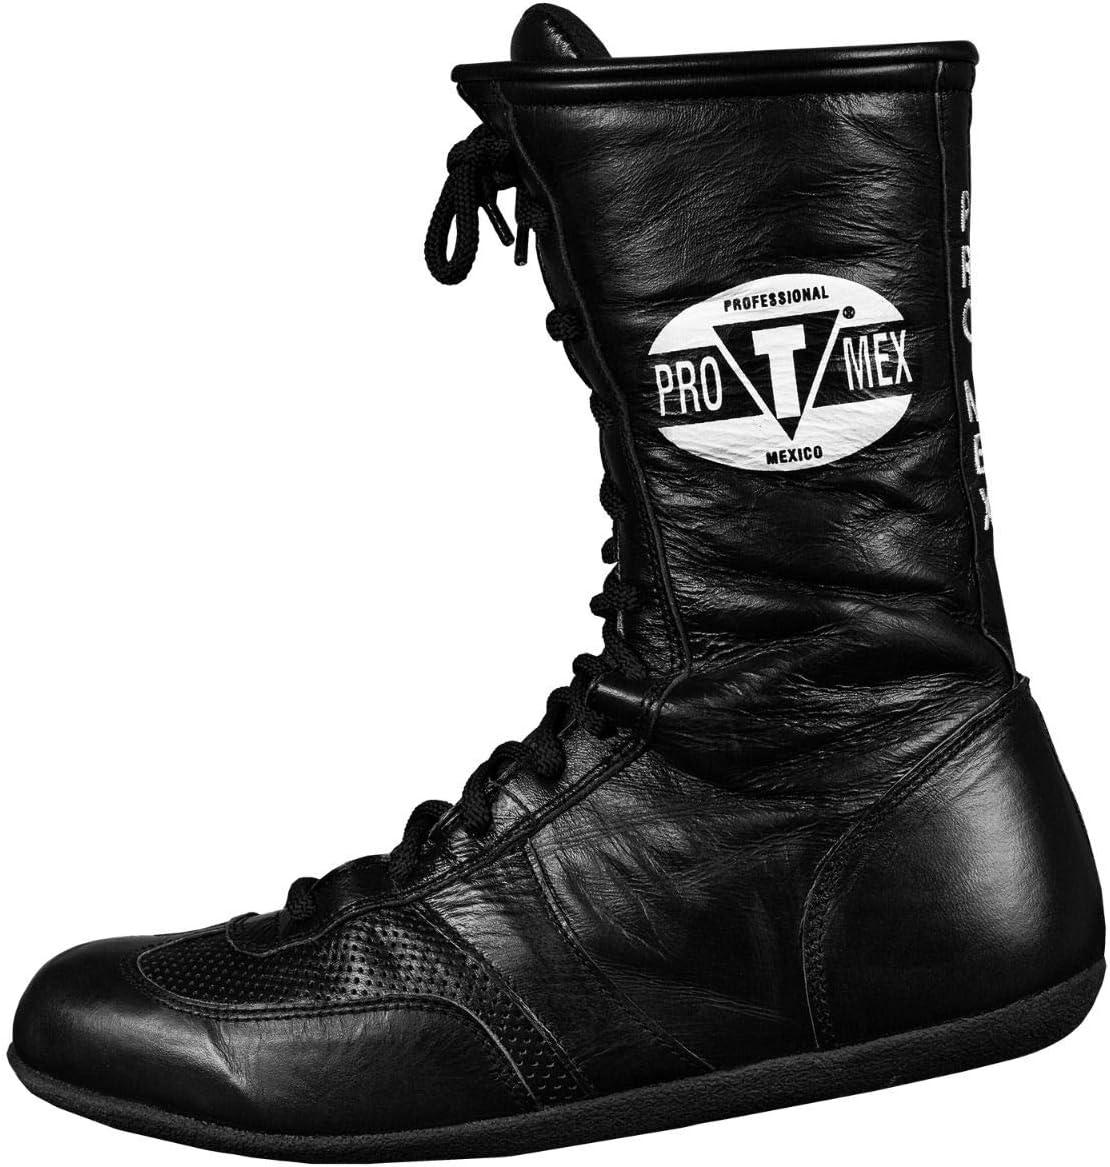 Pro-Mex プロフェッショナル ボクシングブーツ ブラック